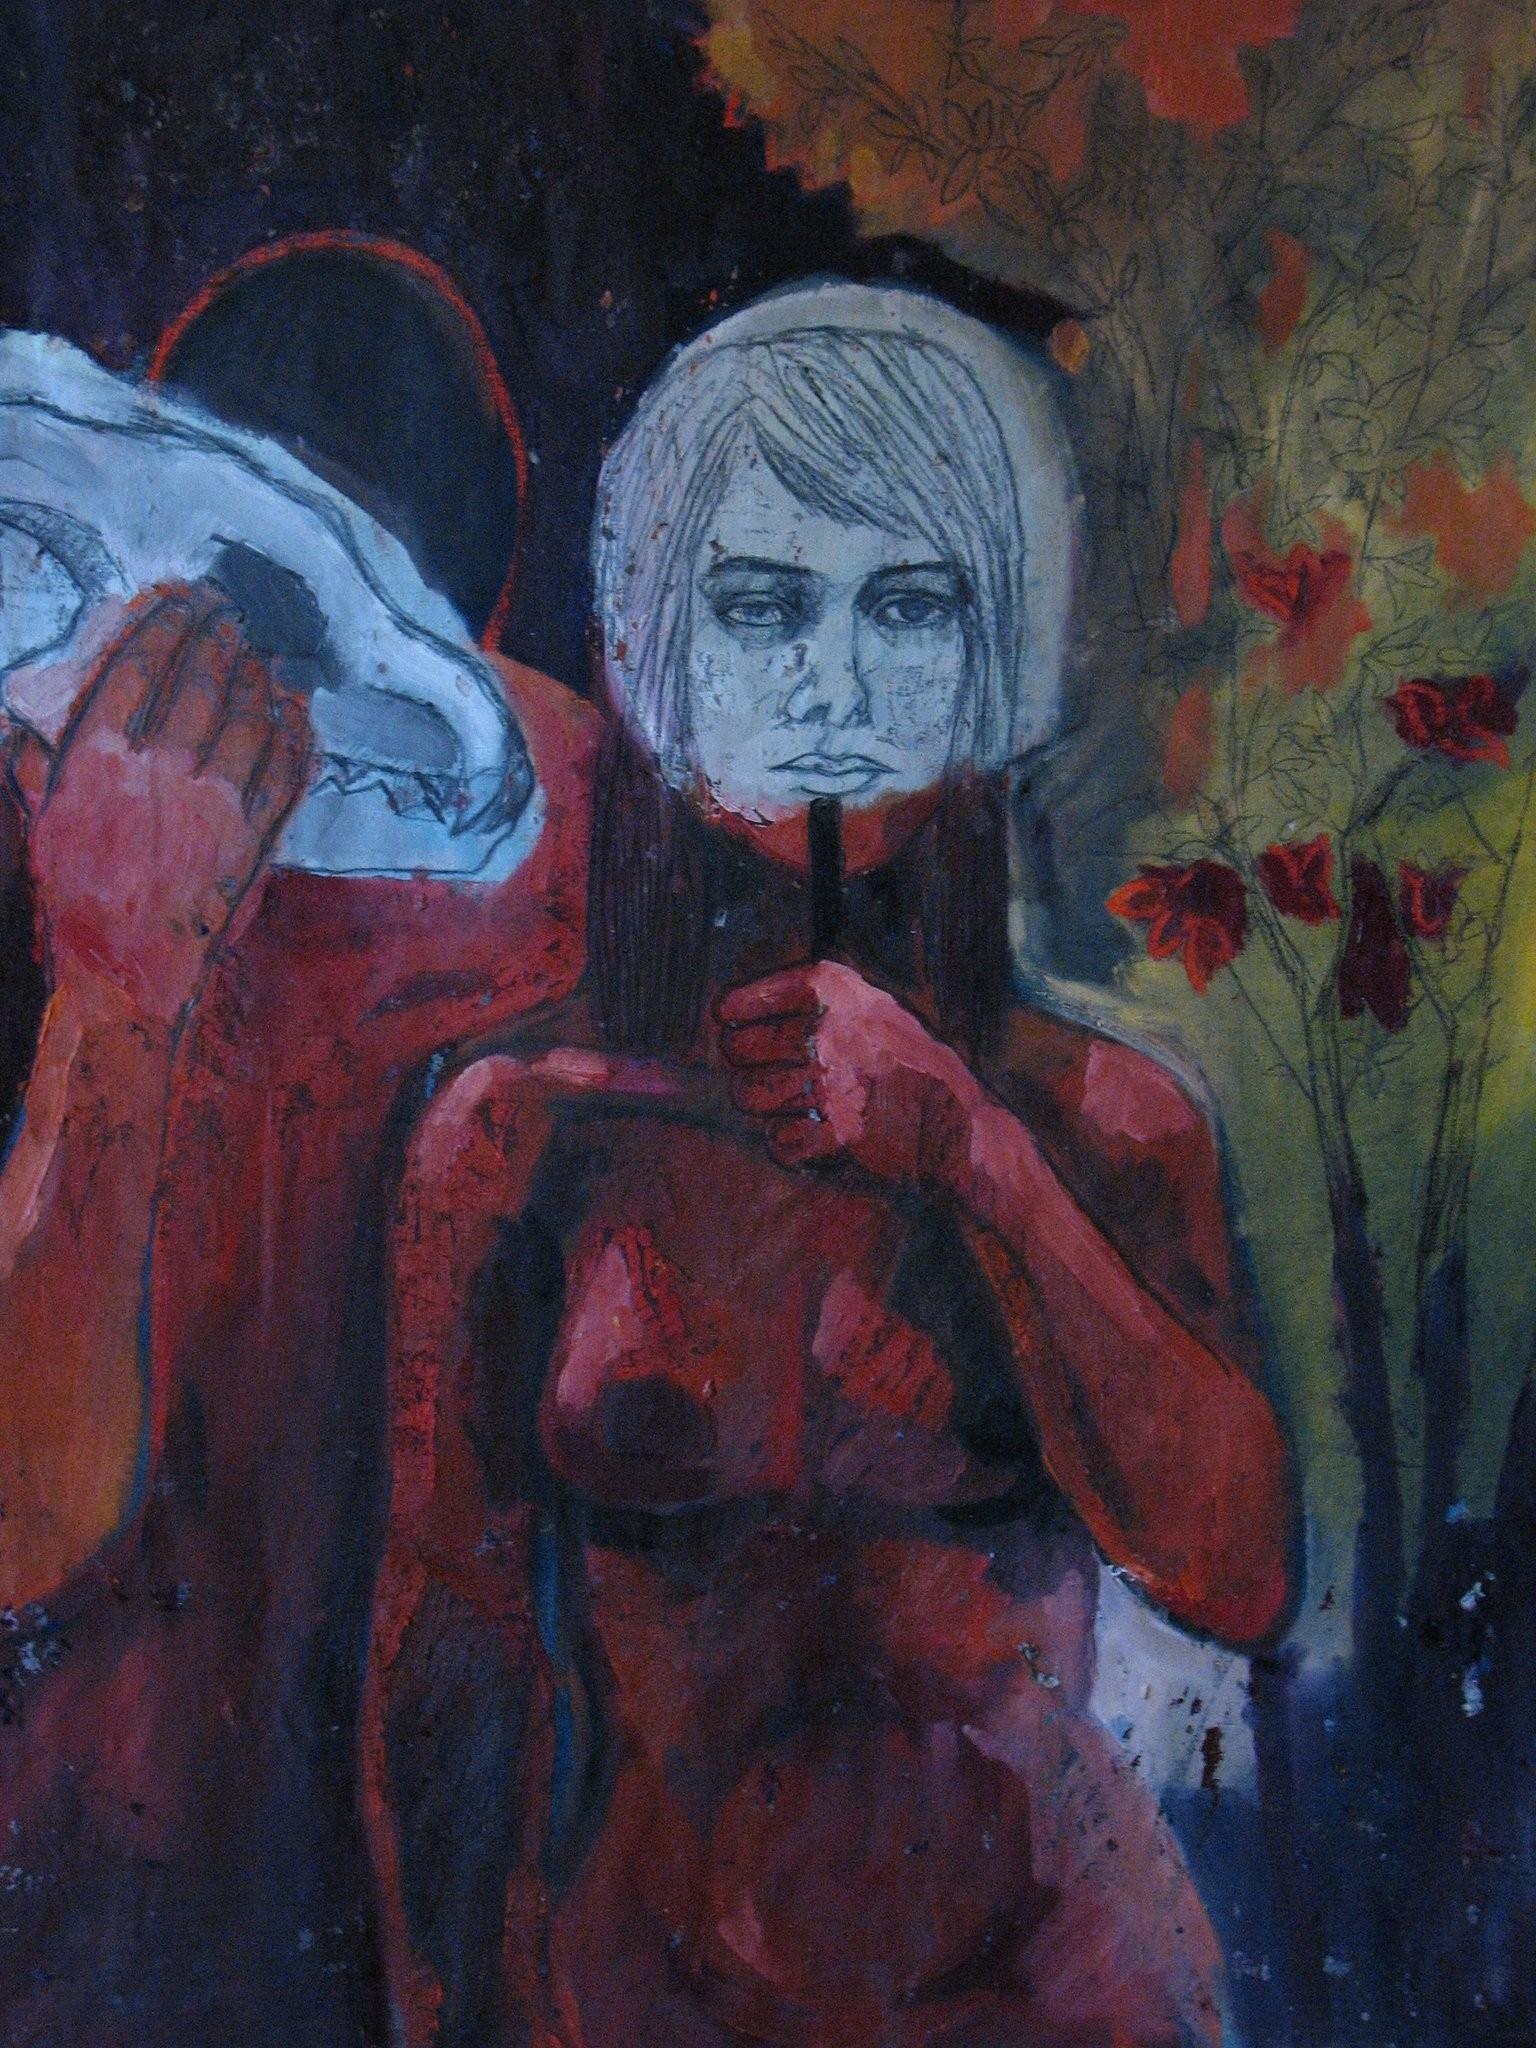 Le souffle derrière le masque - Emilie Lagarde - KAZoART